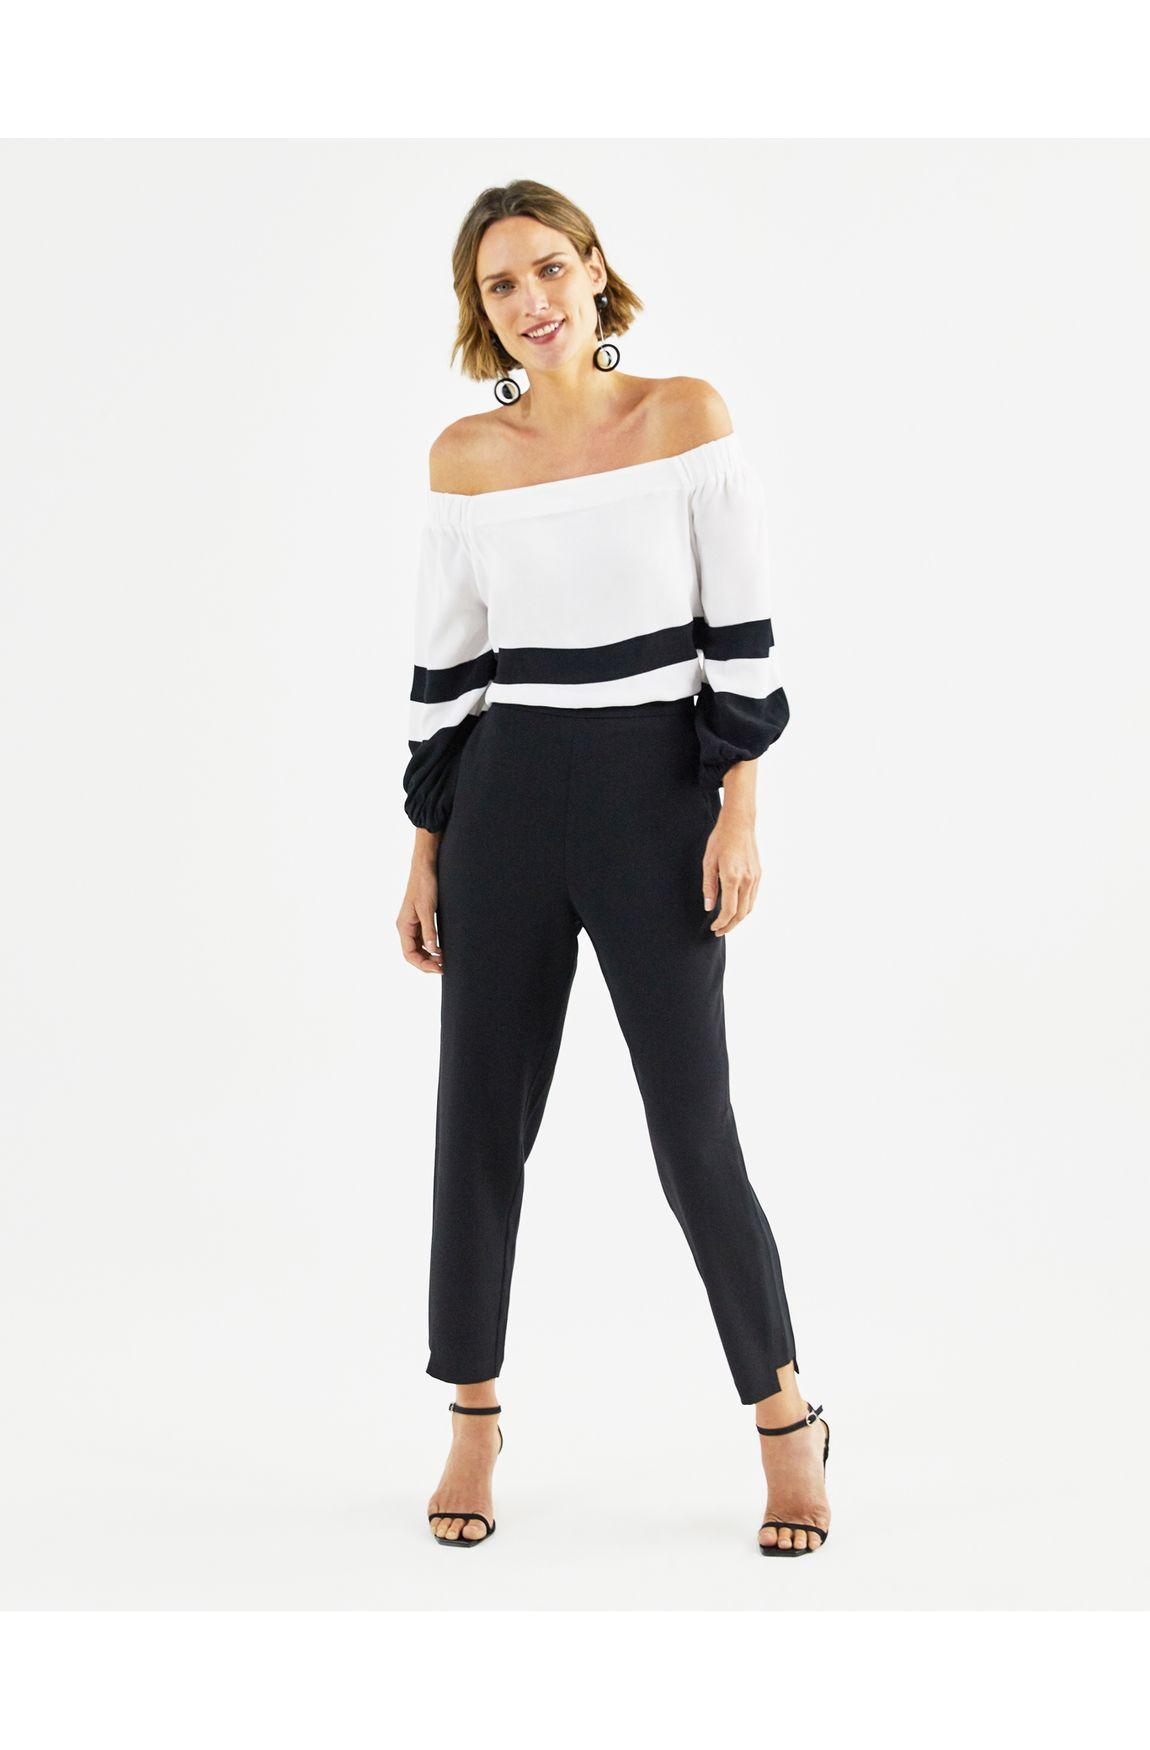 Blusa cigana preto com branco